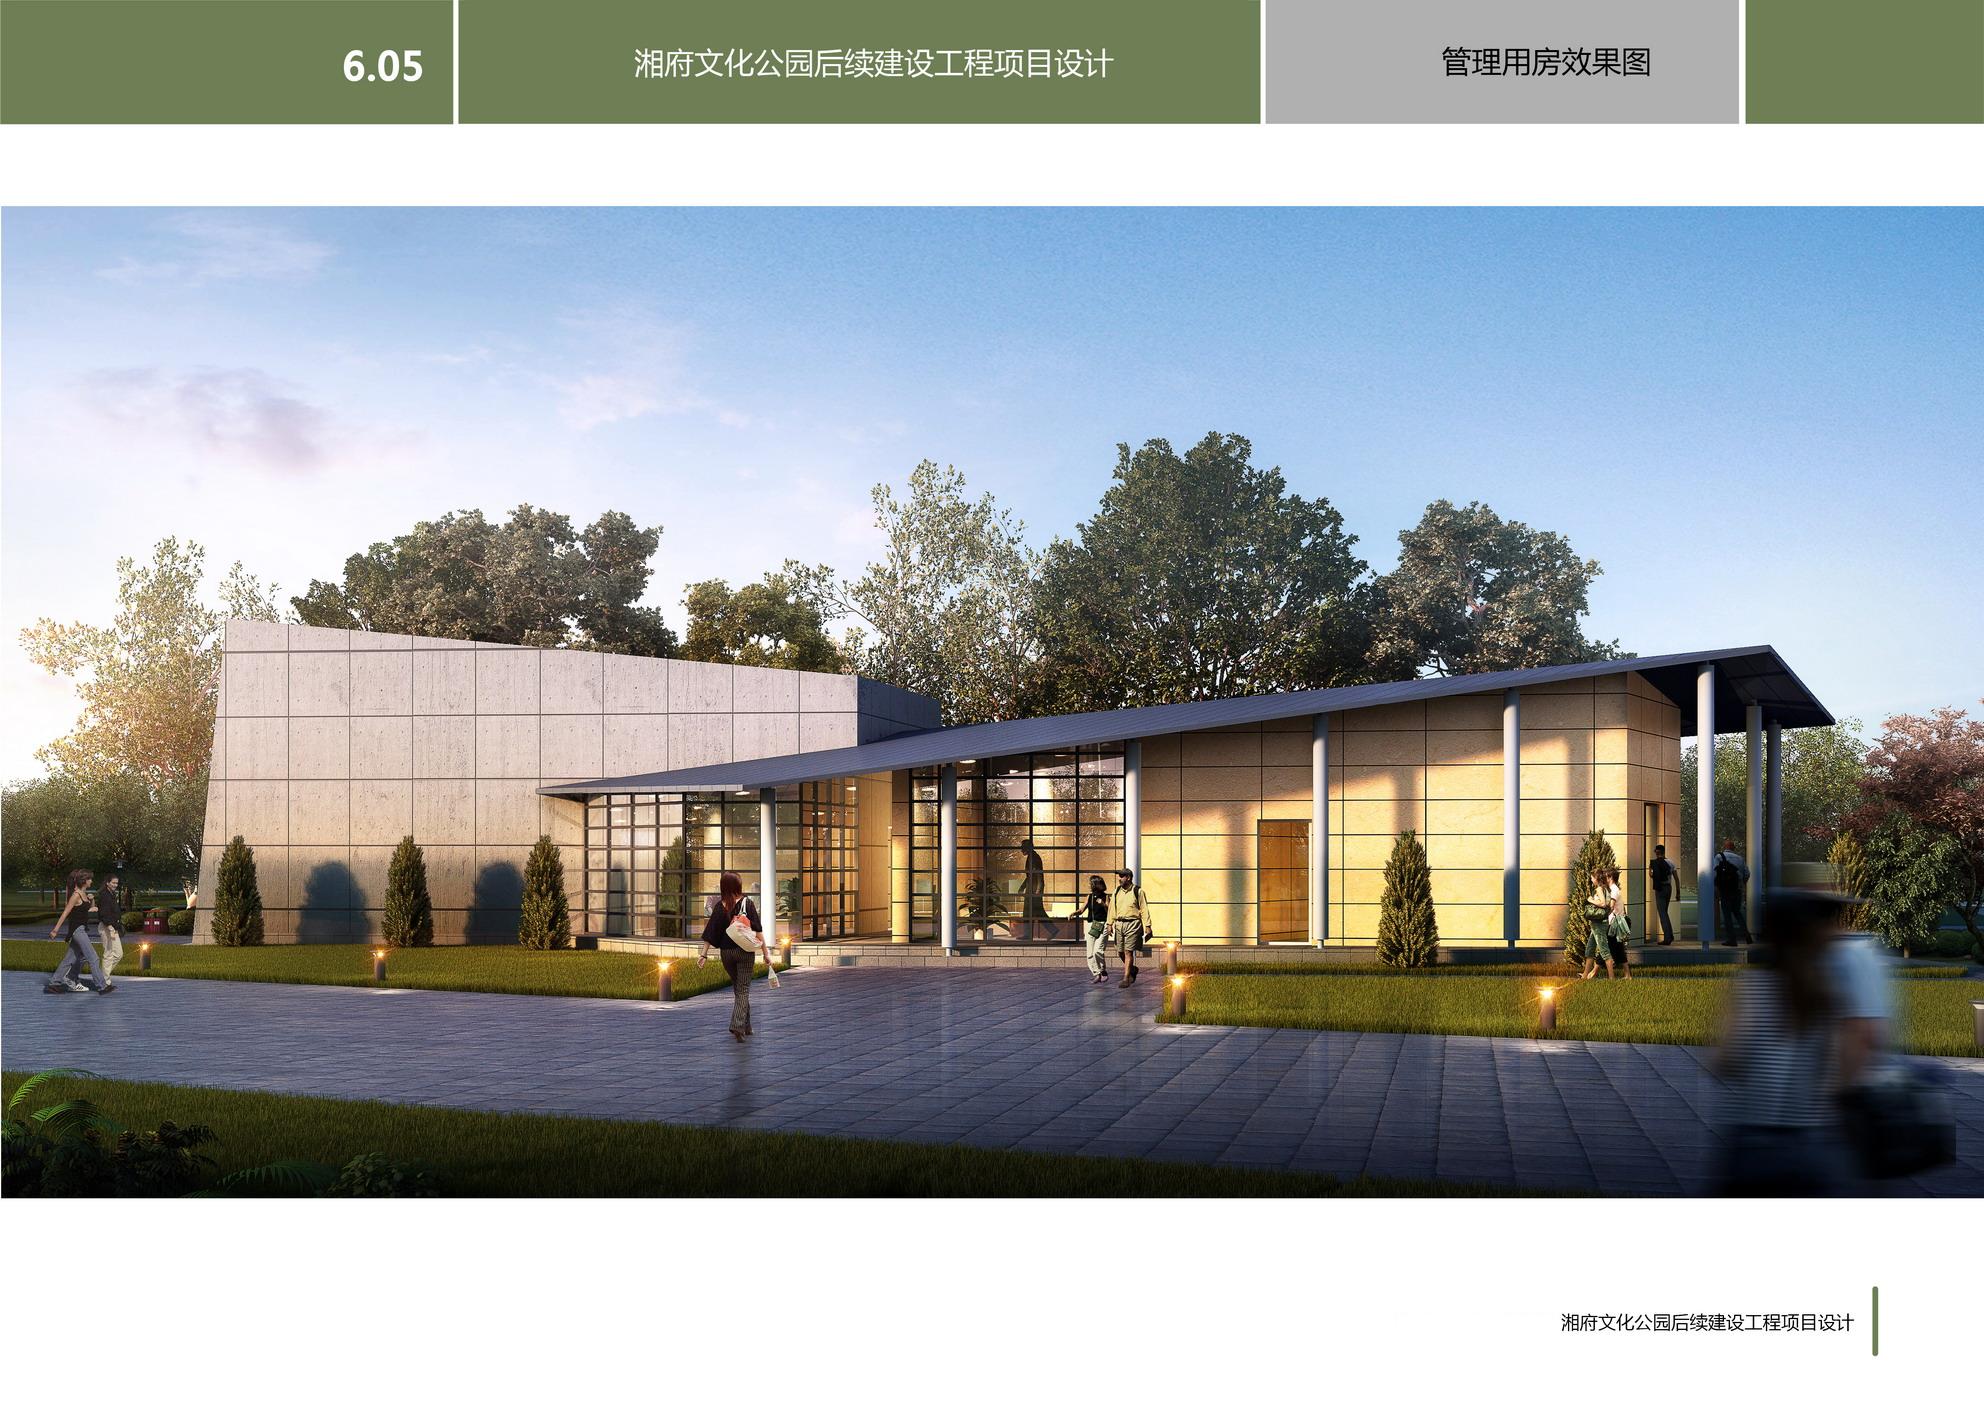 湘府文化公园景观建筑设计